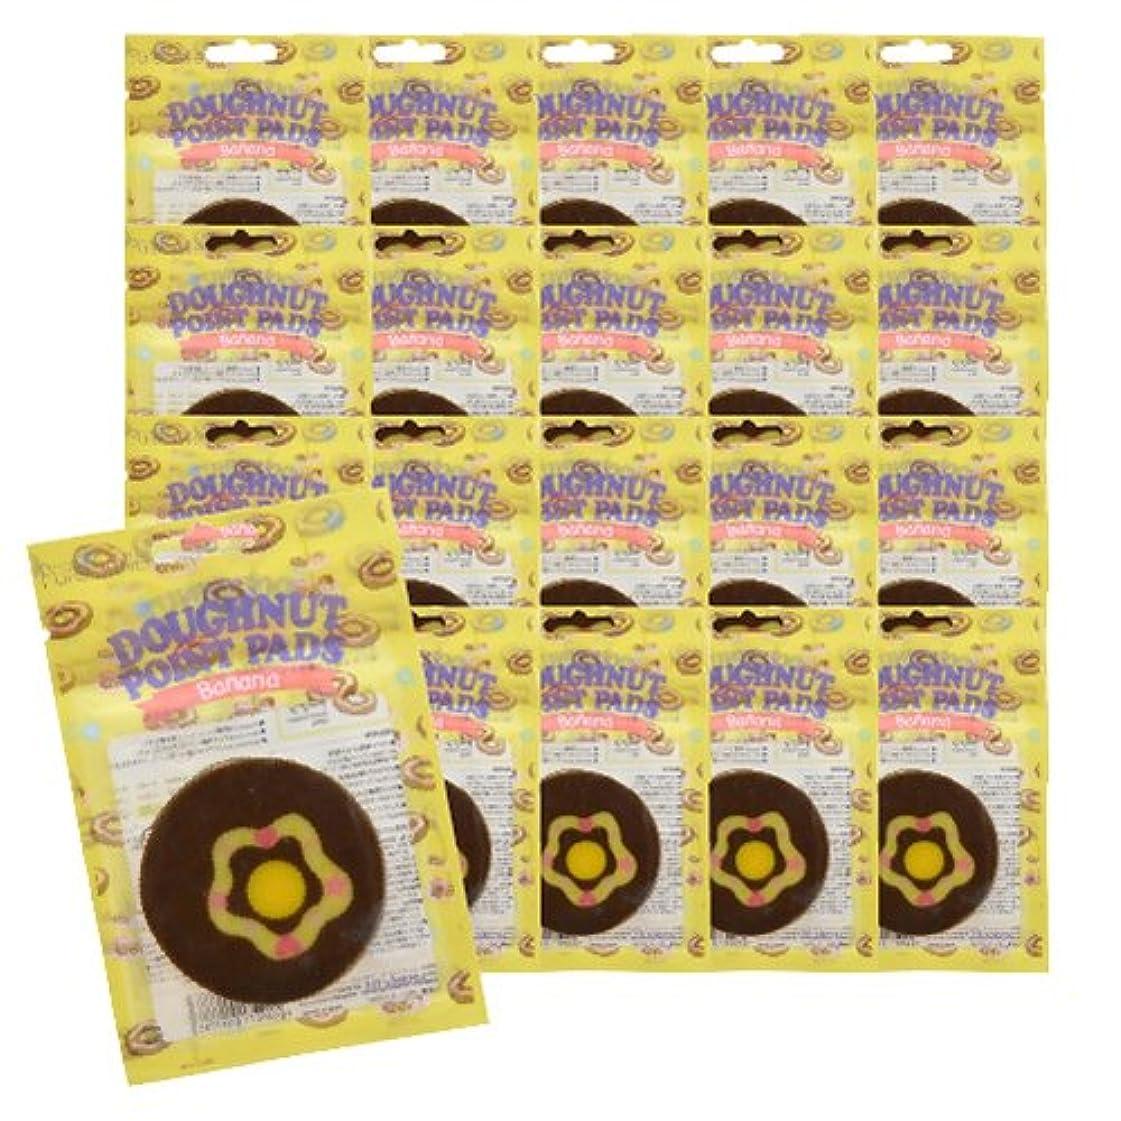 劣る確実規模ピュアスマイル スイートドーナツポイントパッド バナナ 20枚パック